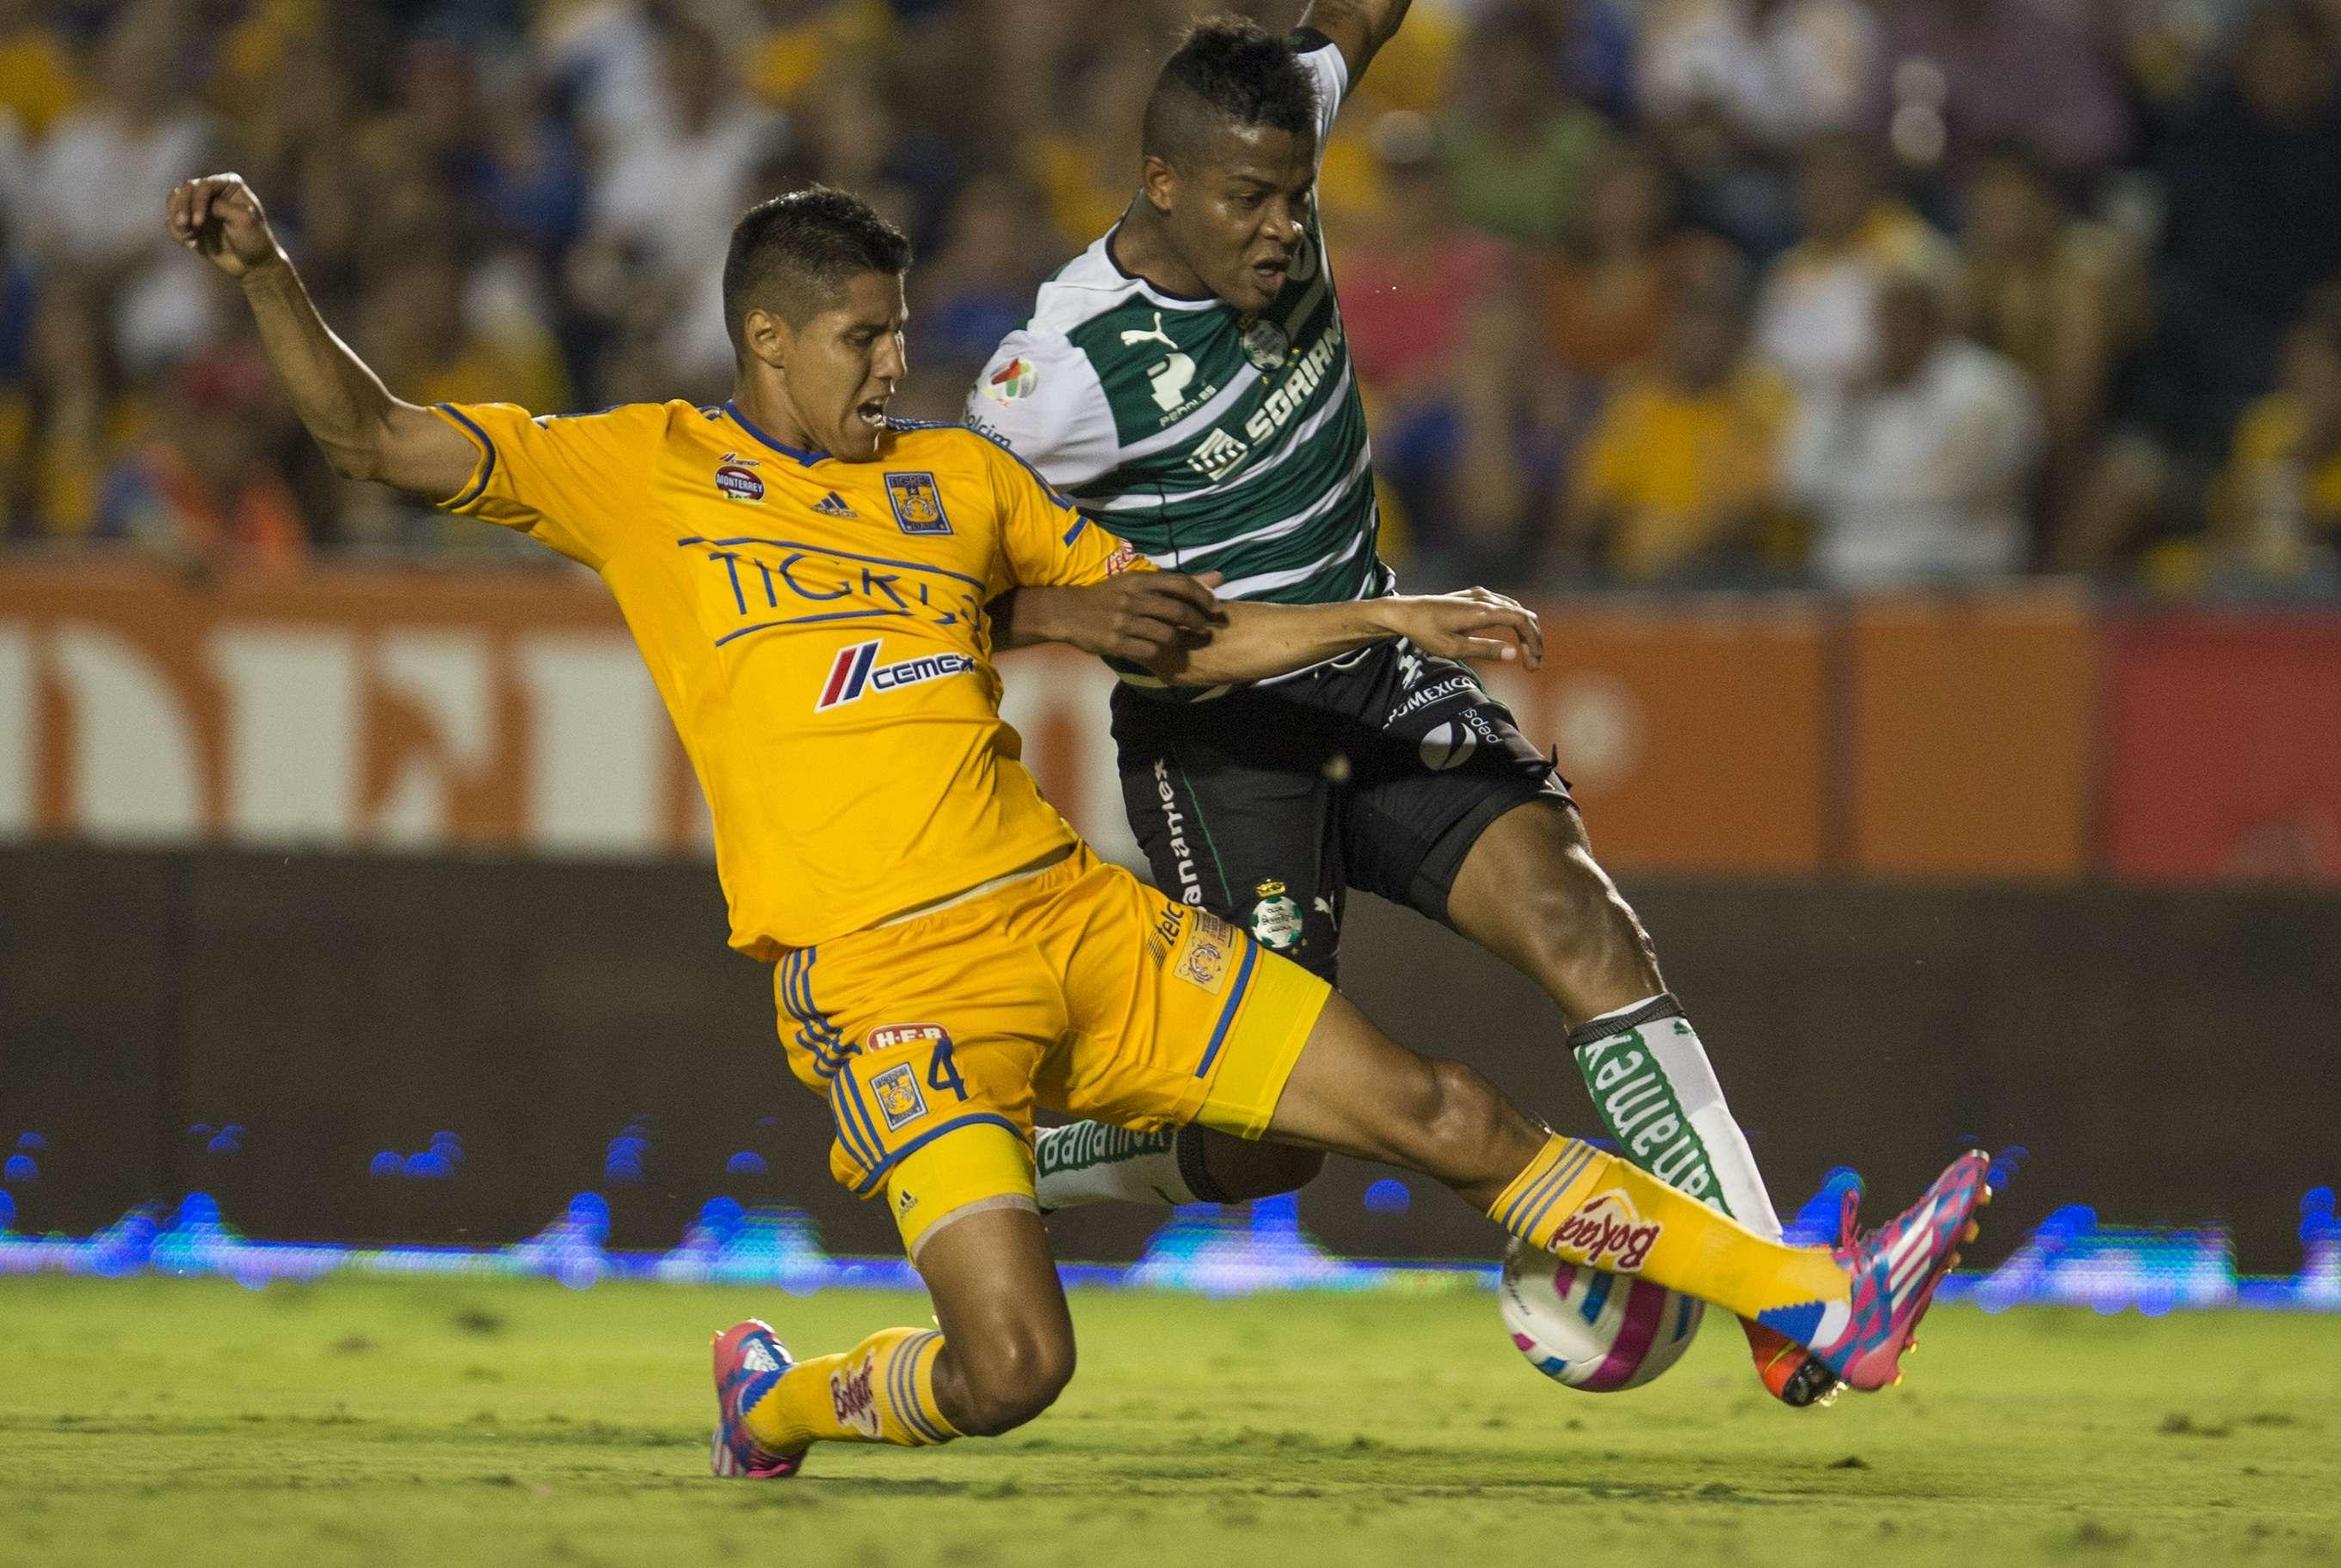 Tigres y Santos Laguna empataron 1-1 en duelo celebrado en el 'Volcán'. Foto: Mexsport